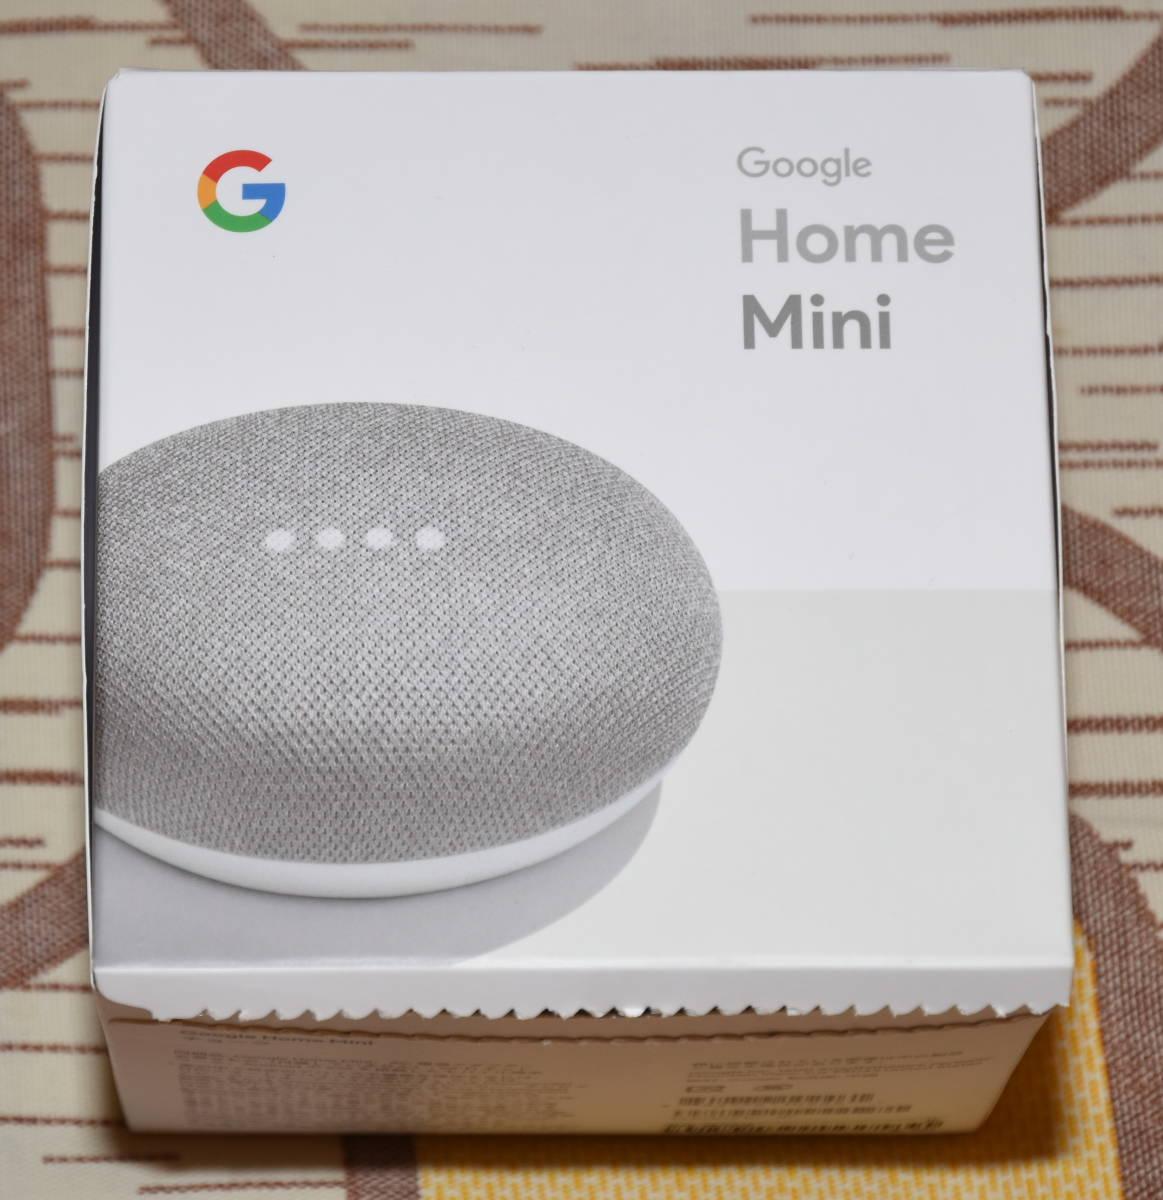 ◆美品 ヨドバシ領収書付 Google Home Mini グーグルホームミニ チョーク スマートスピーカー